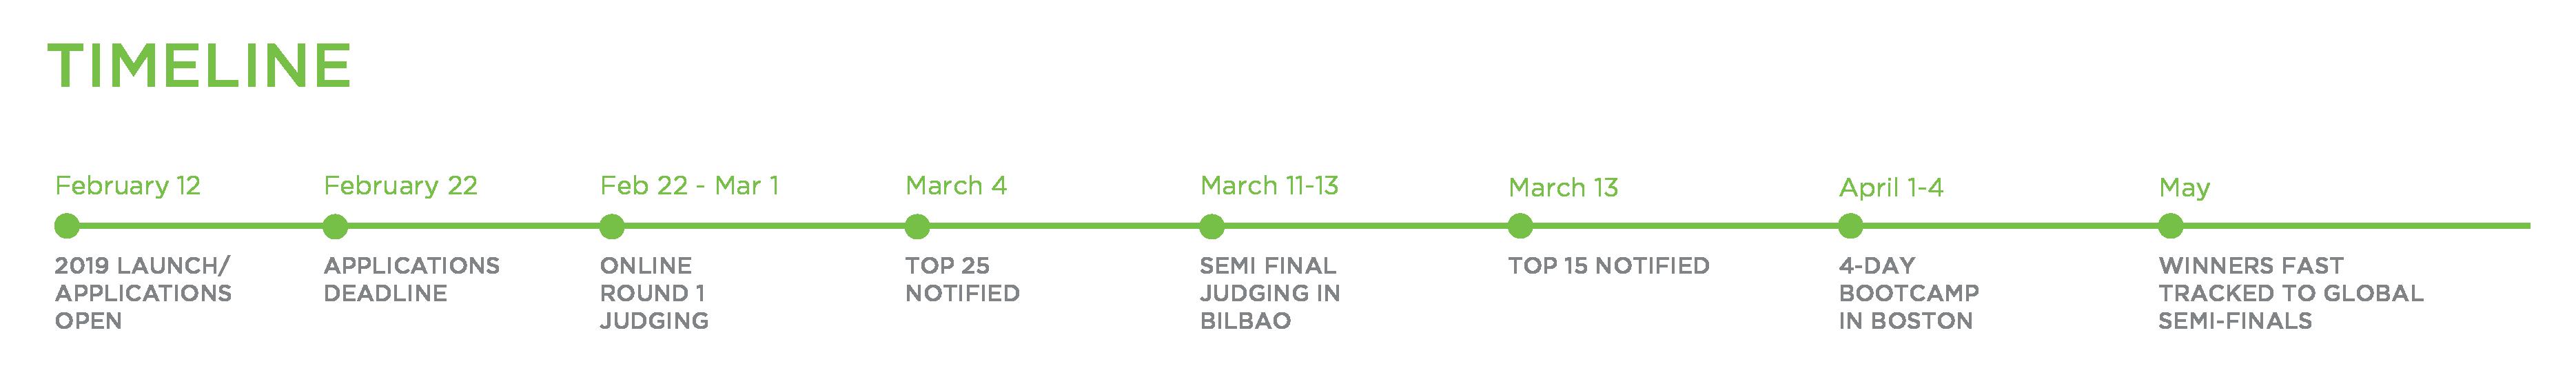 Biscay 2019 timeline-01